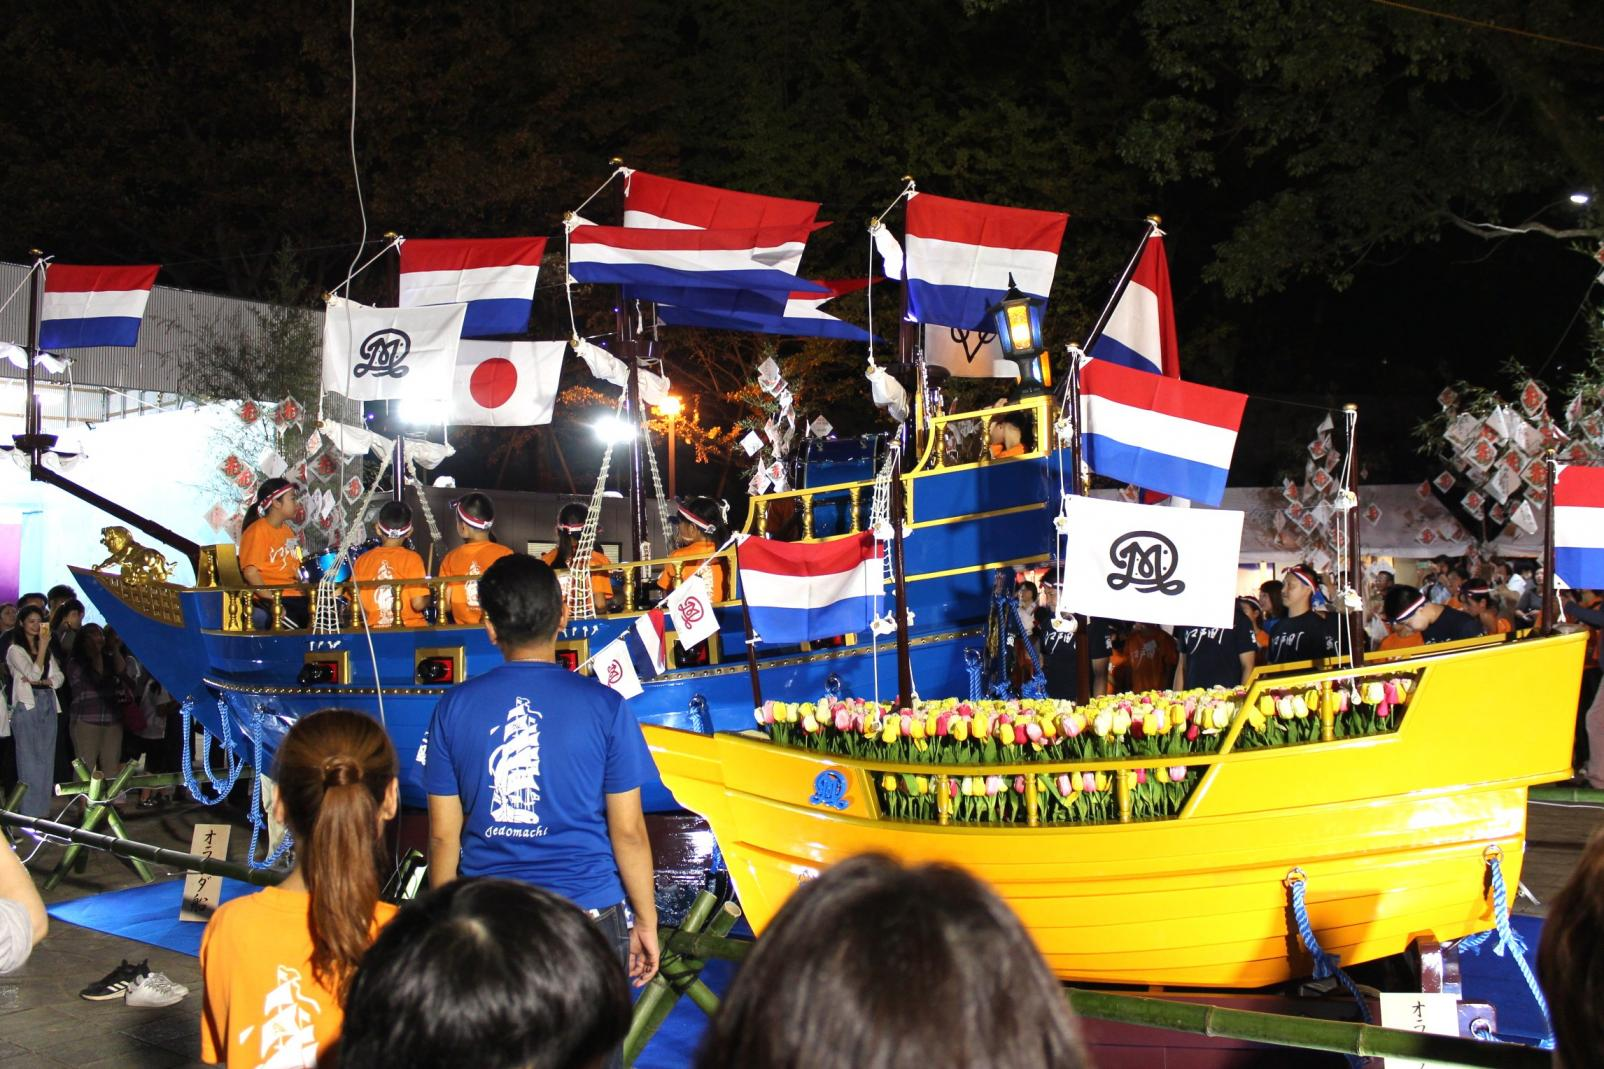 江戸町 オランダ船-0